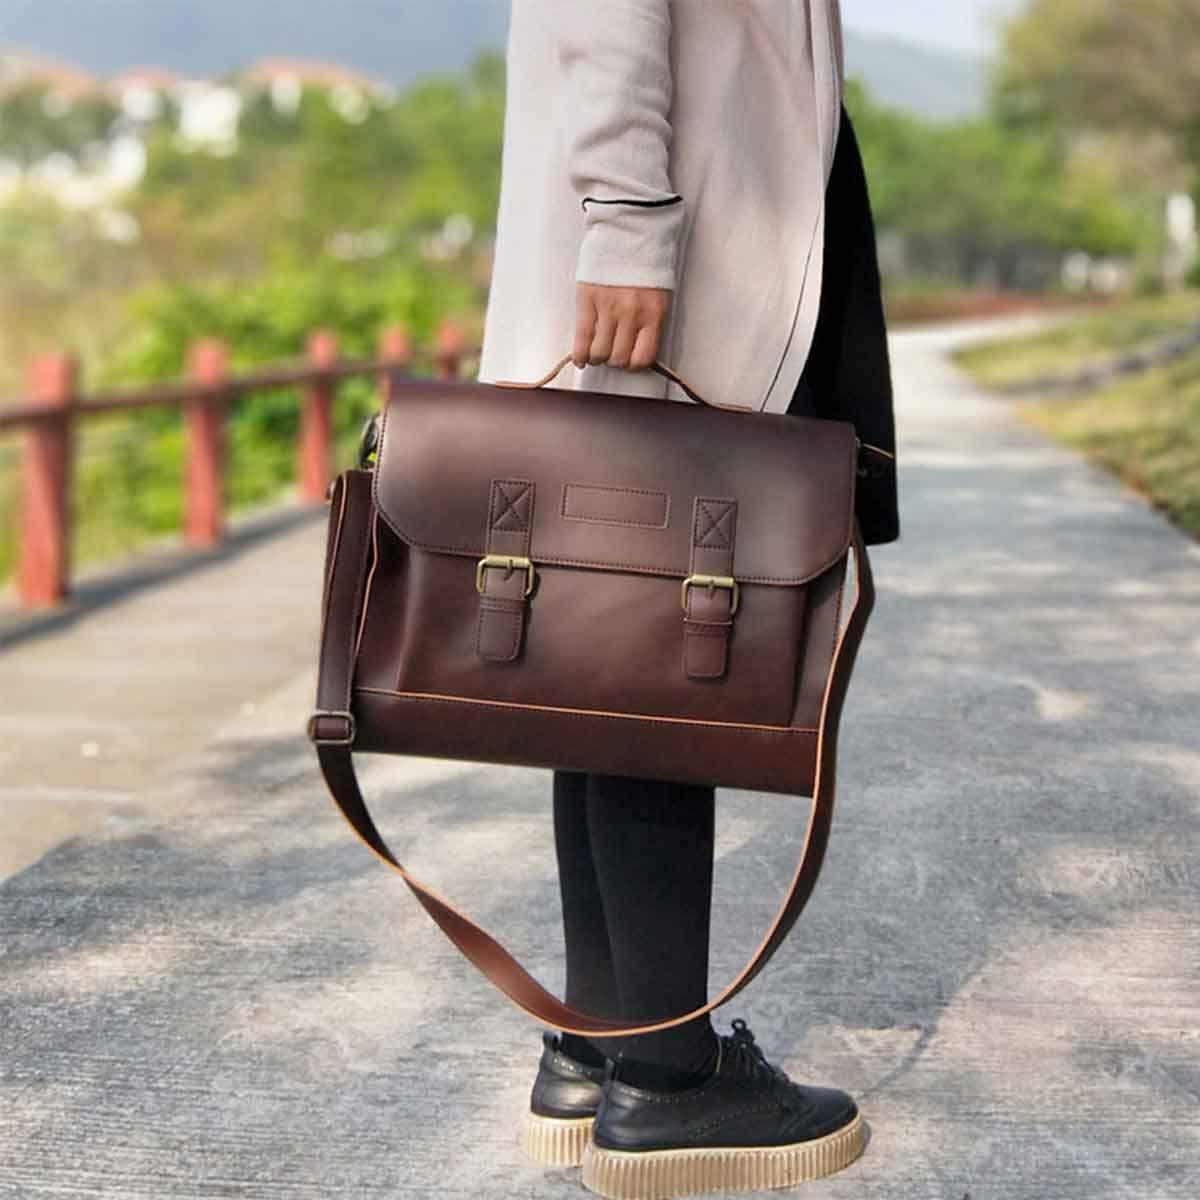 Brown JAKAGO Retro Satchel Leather Briefcase Handbag 13.3inches MacBook Laptop Bag Messenger Shoulder Bag with Updated Shoulder Strap for Men Women